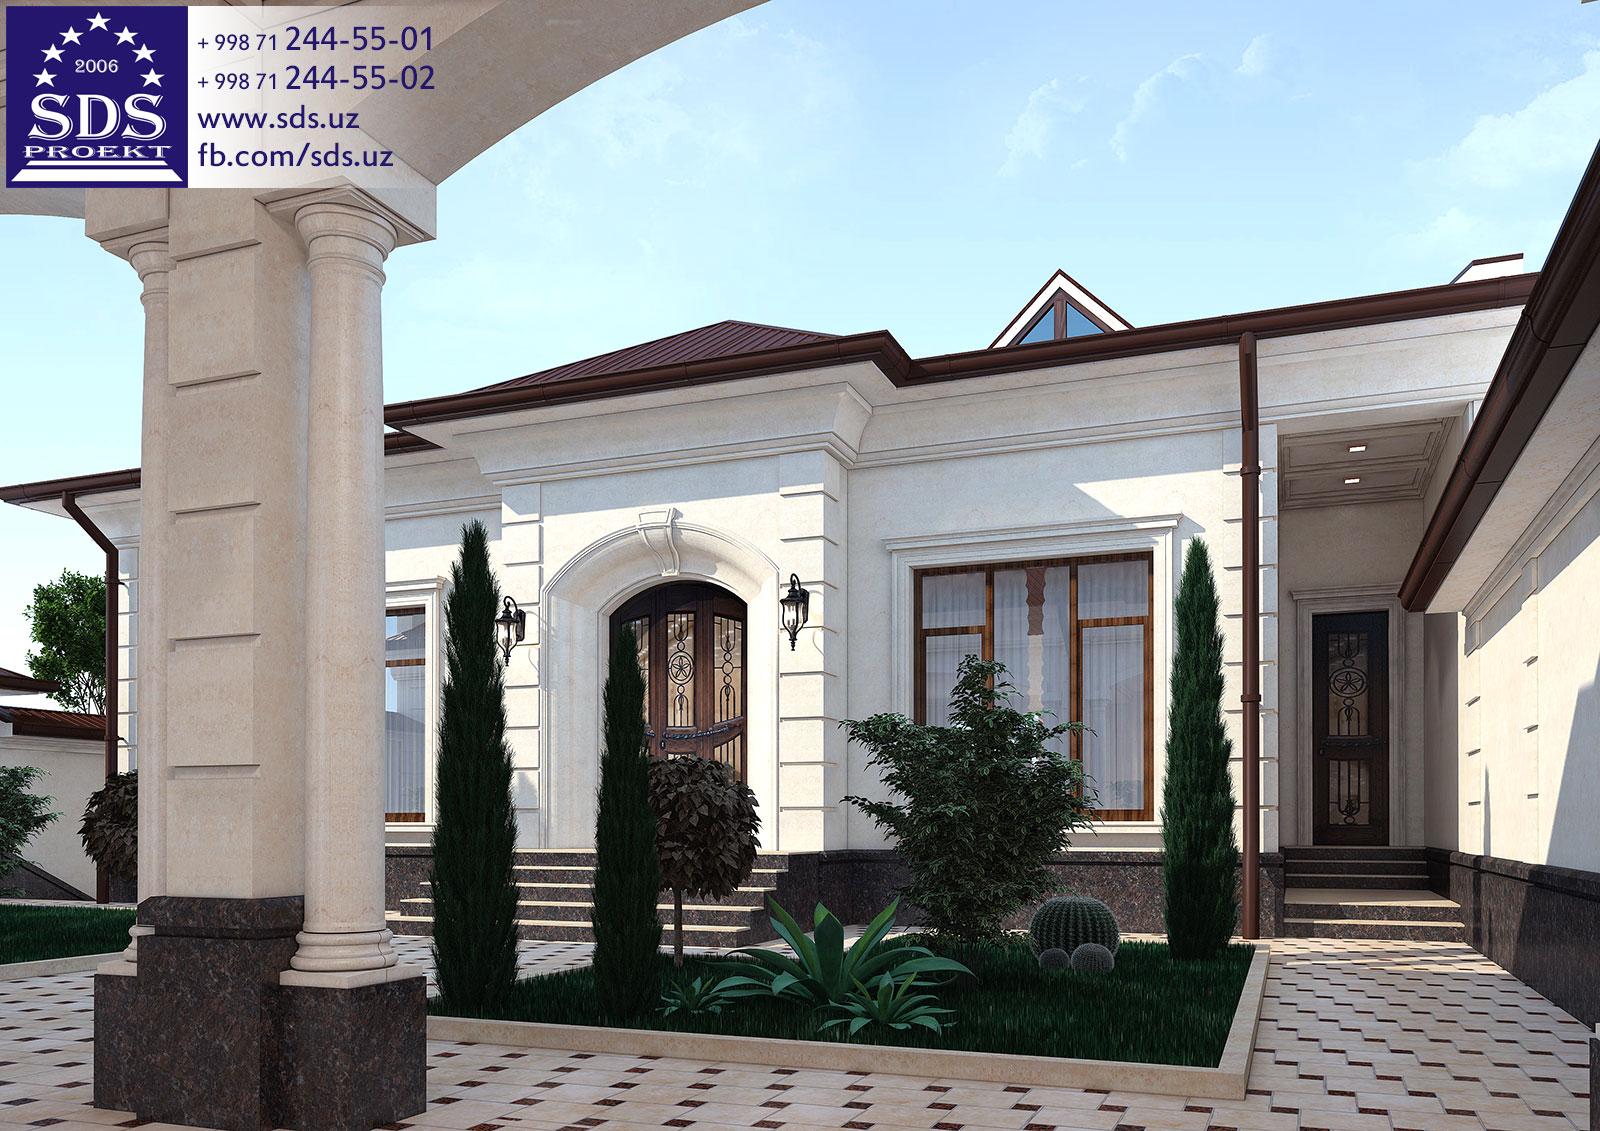 Красивый участок на склоне в Ташкенте